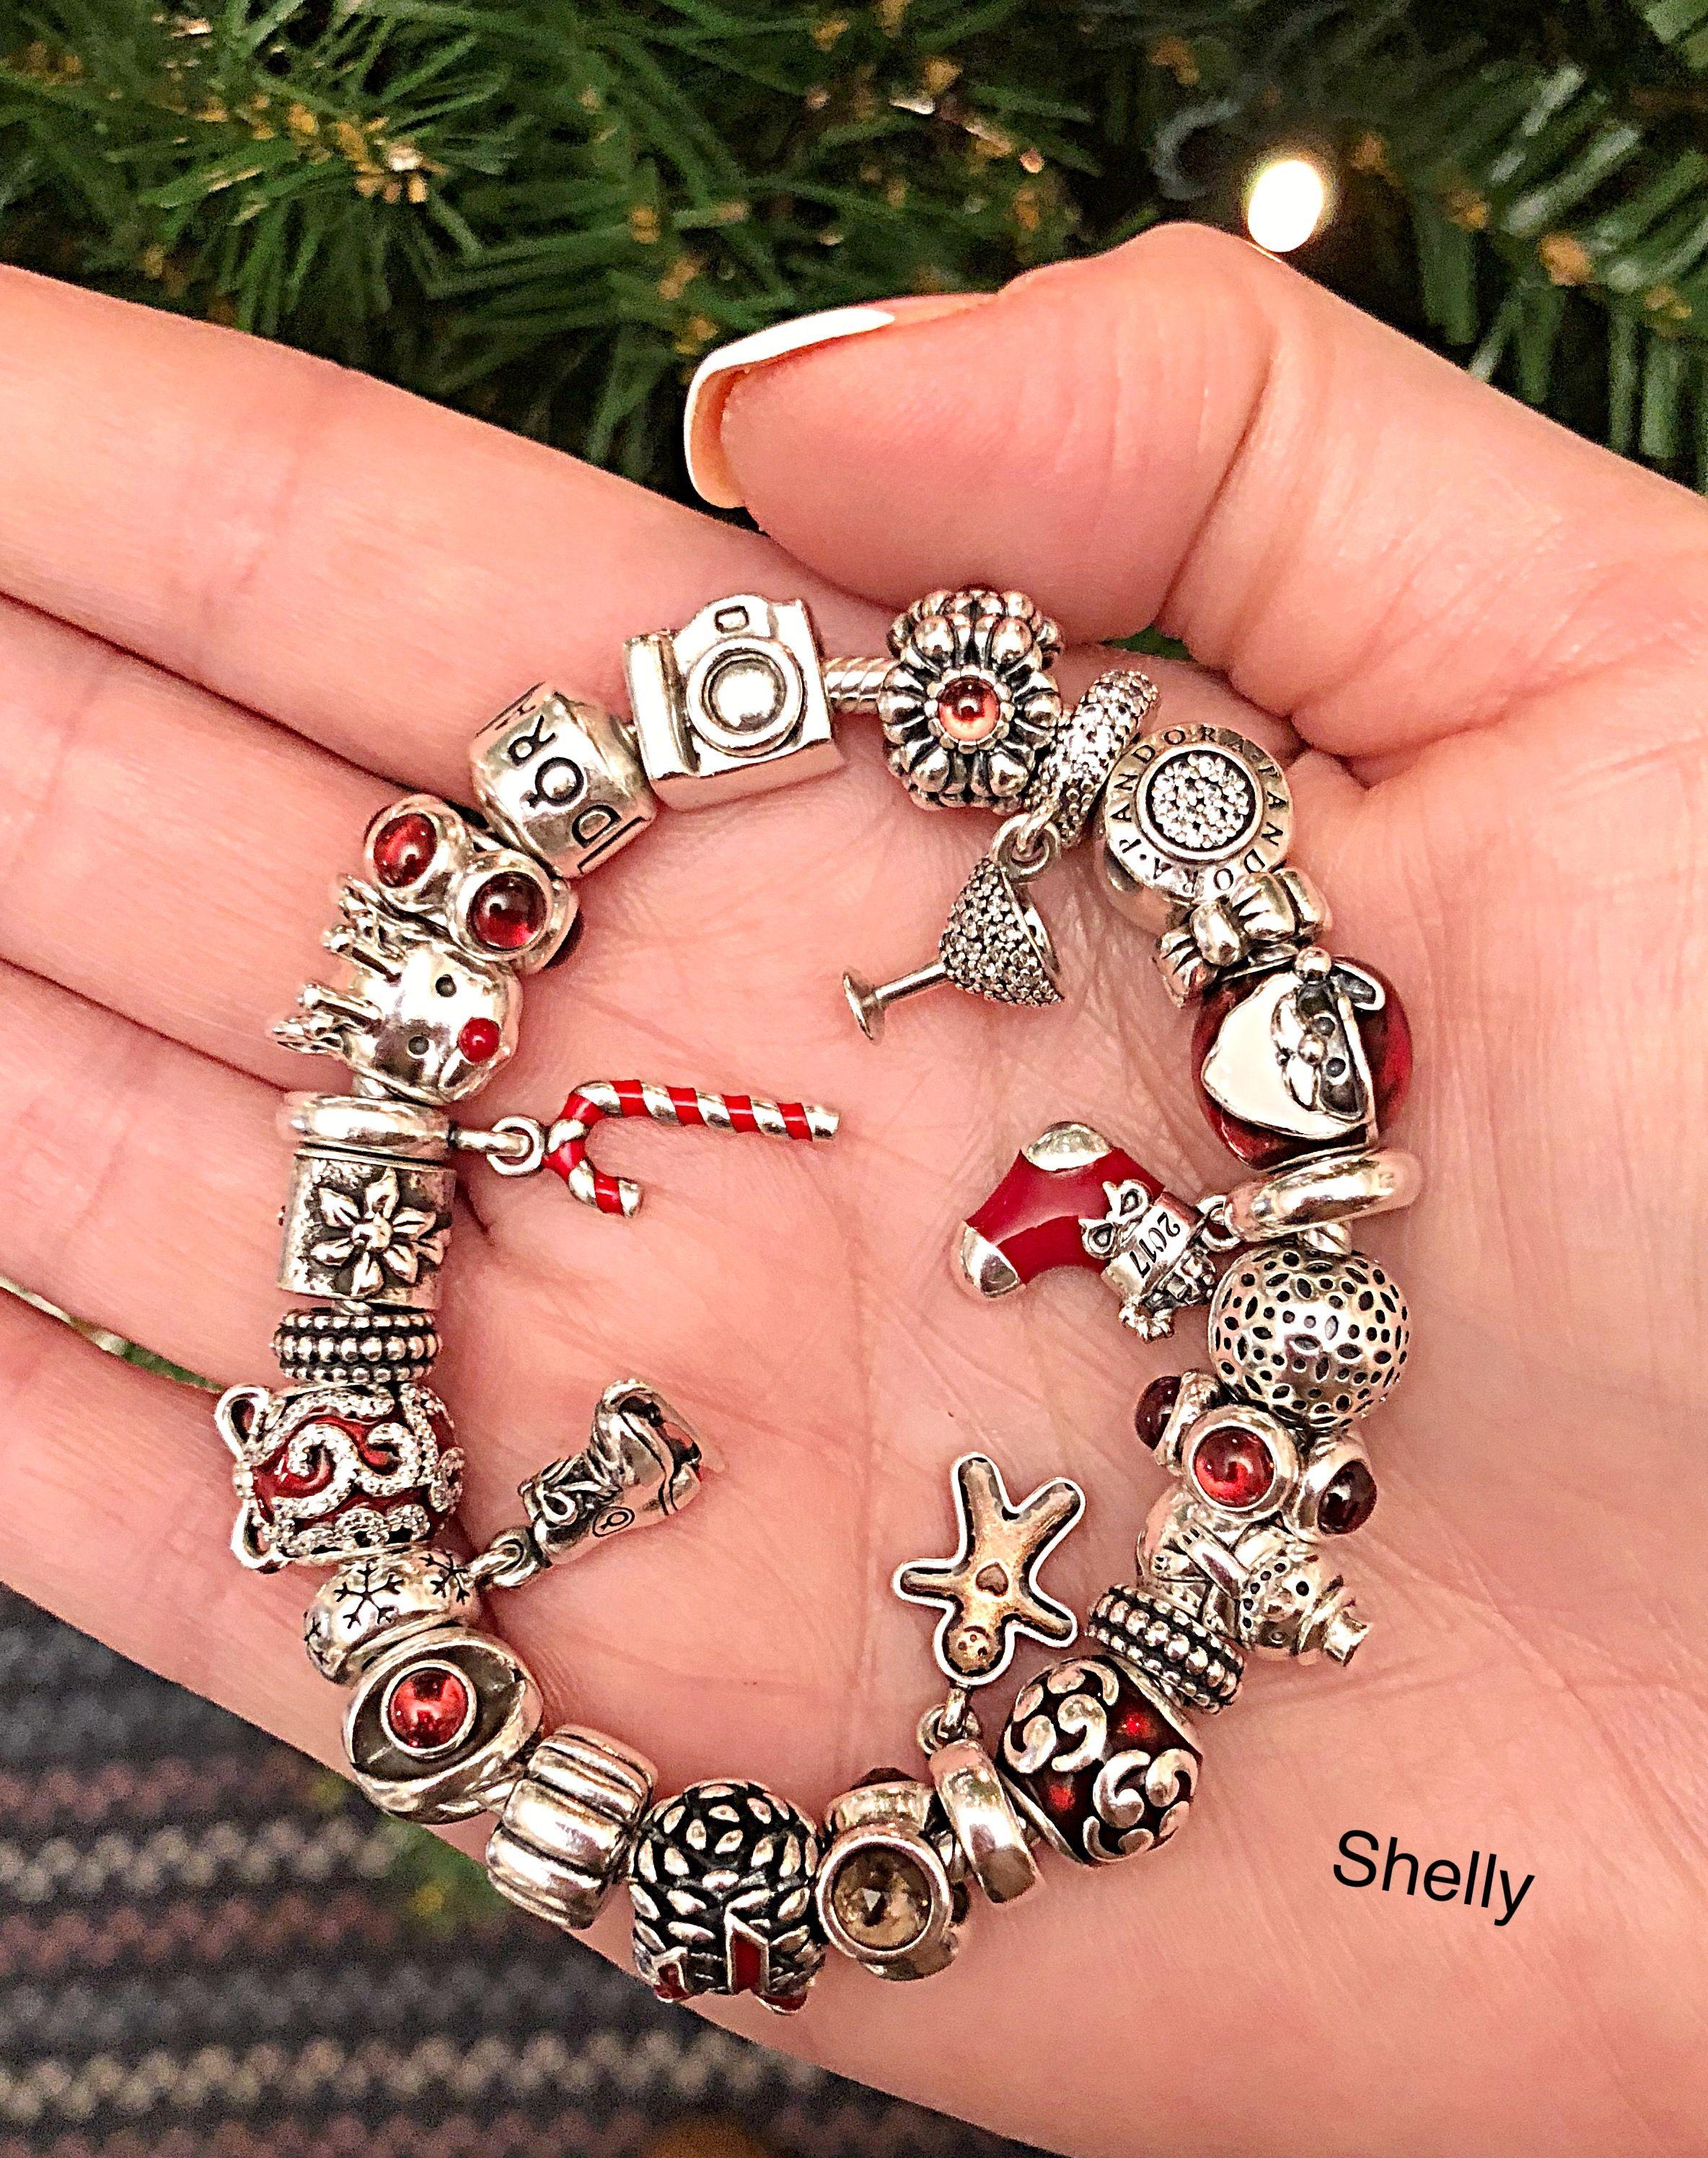 Pandora Christmas Charms 2020 Pandora Christmas bracelet   Pandora bracelet charms, Pandora